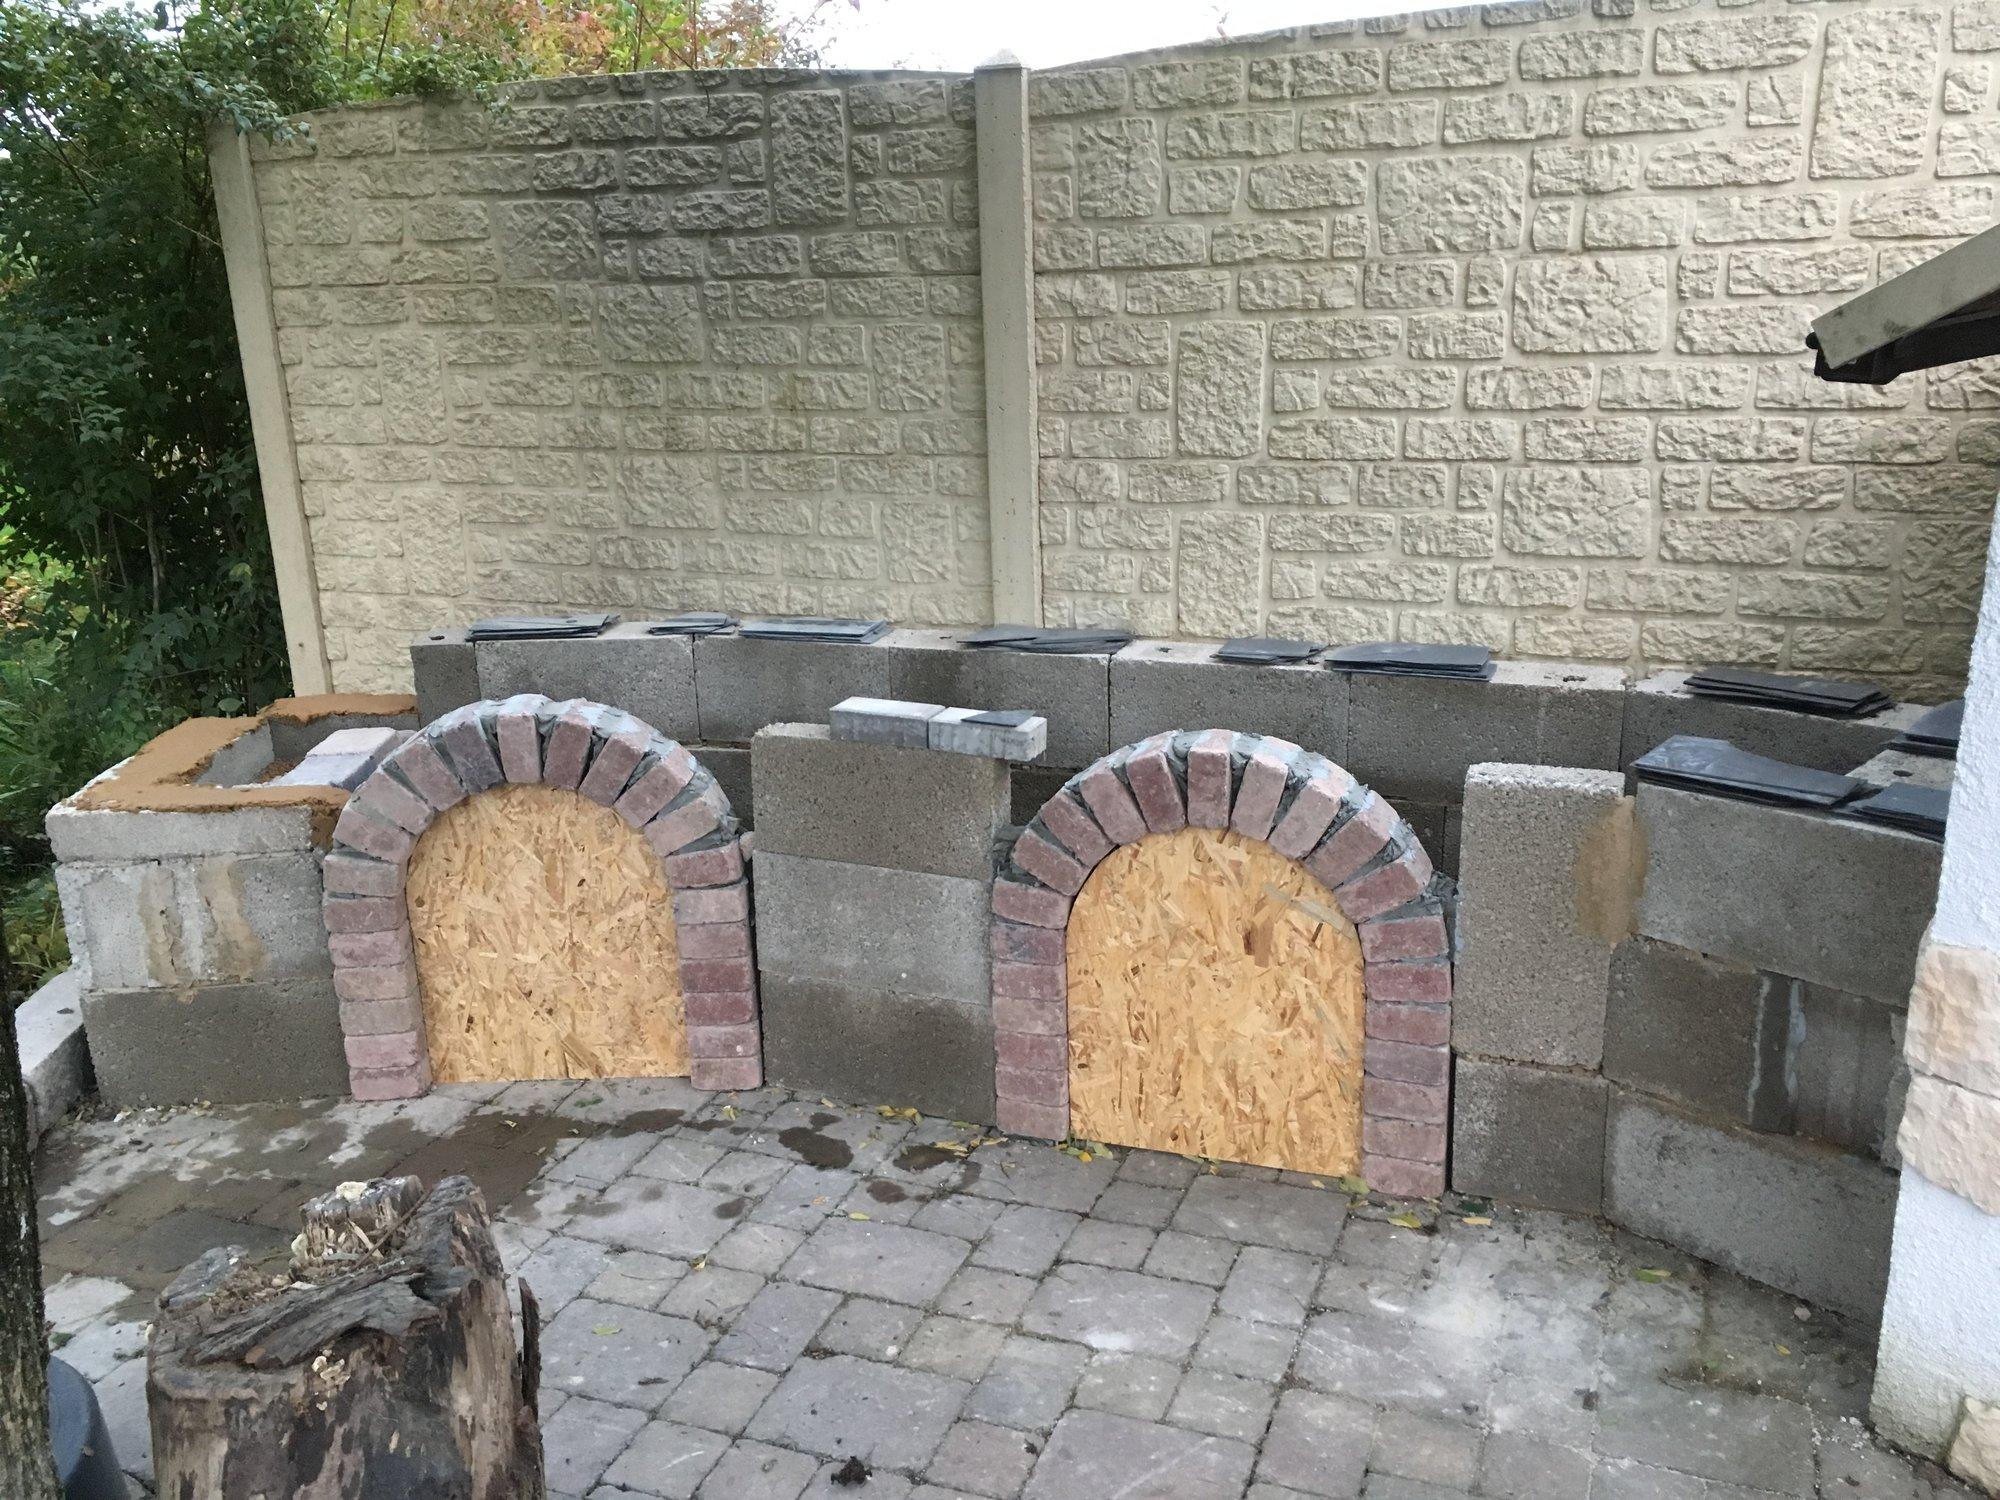 Außenküche Selber Bauen Grillsportverein : Aussenküche im eigenbau grillforum und bbq grillsportverein